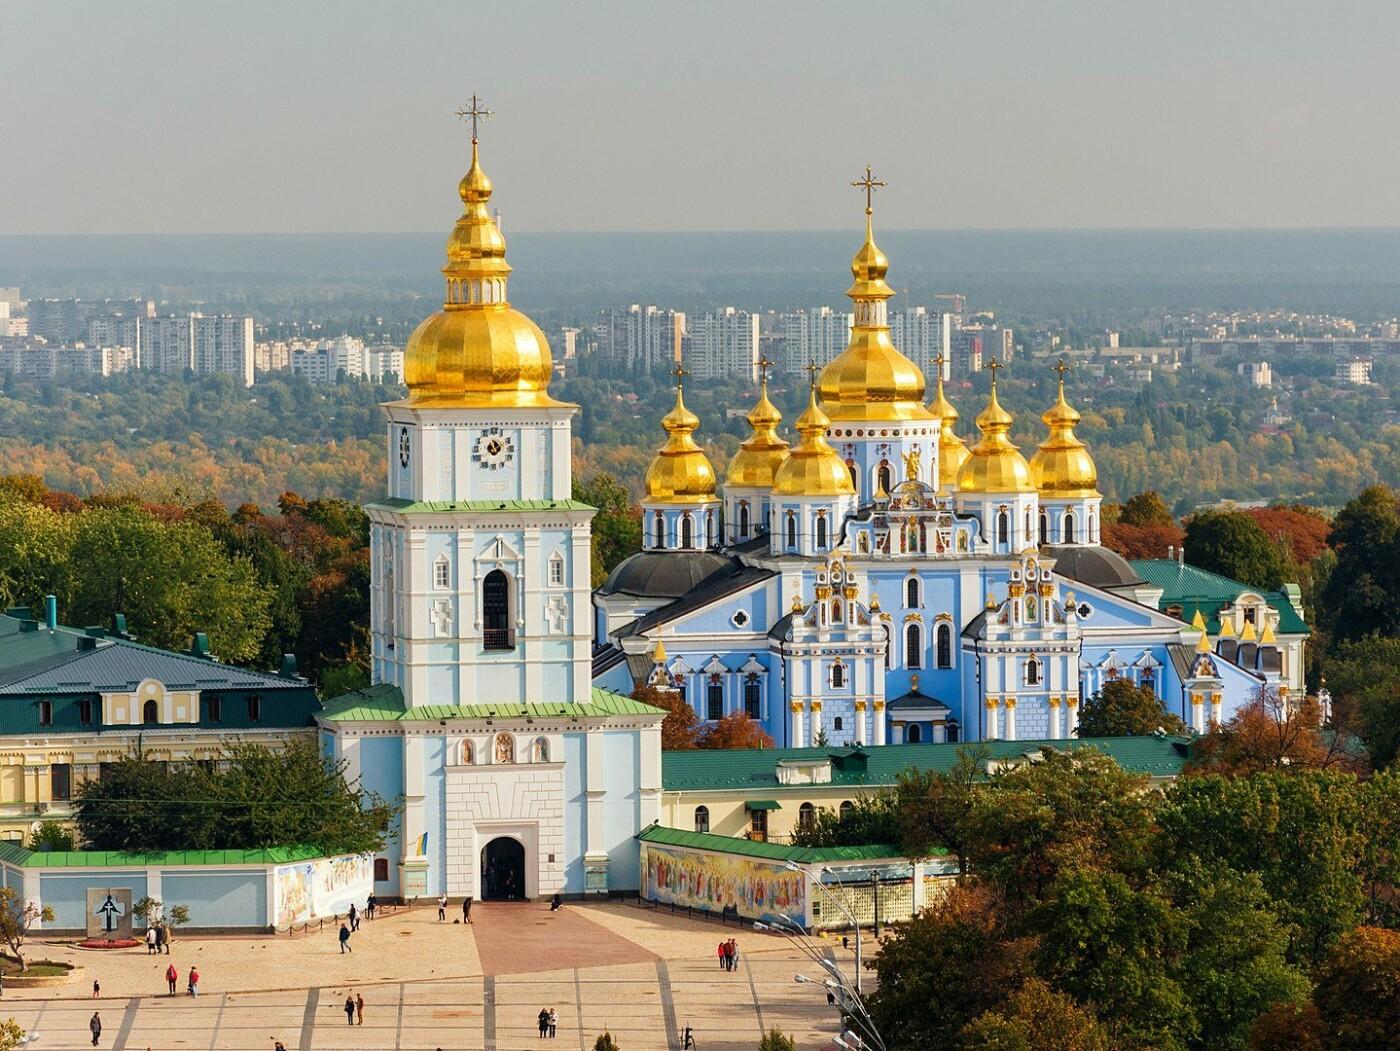 Михайловский Златоверхий монастырь, Фото: Википедия